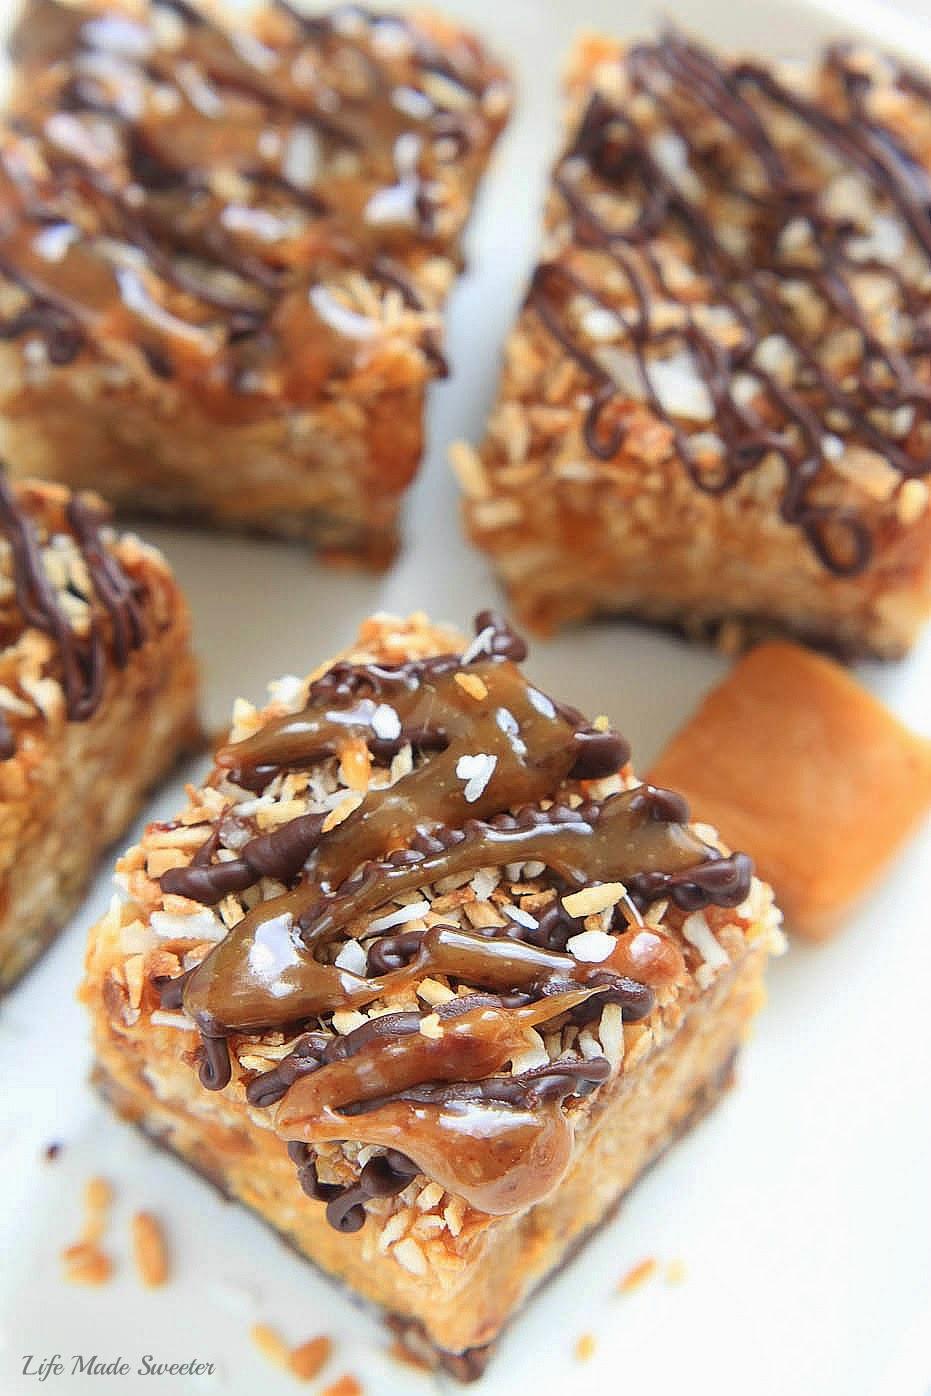 nobake samoa peanut butter cereal bars by